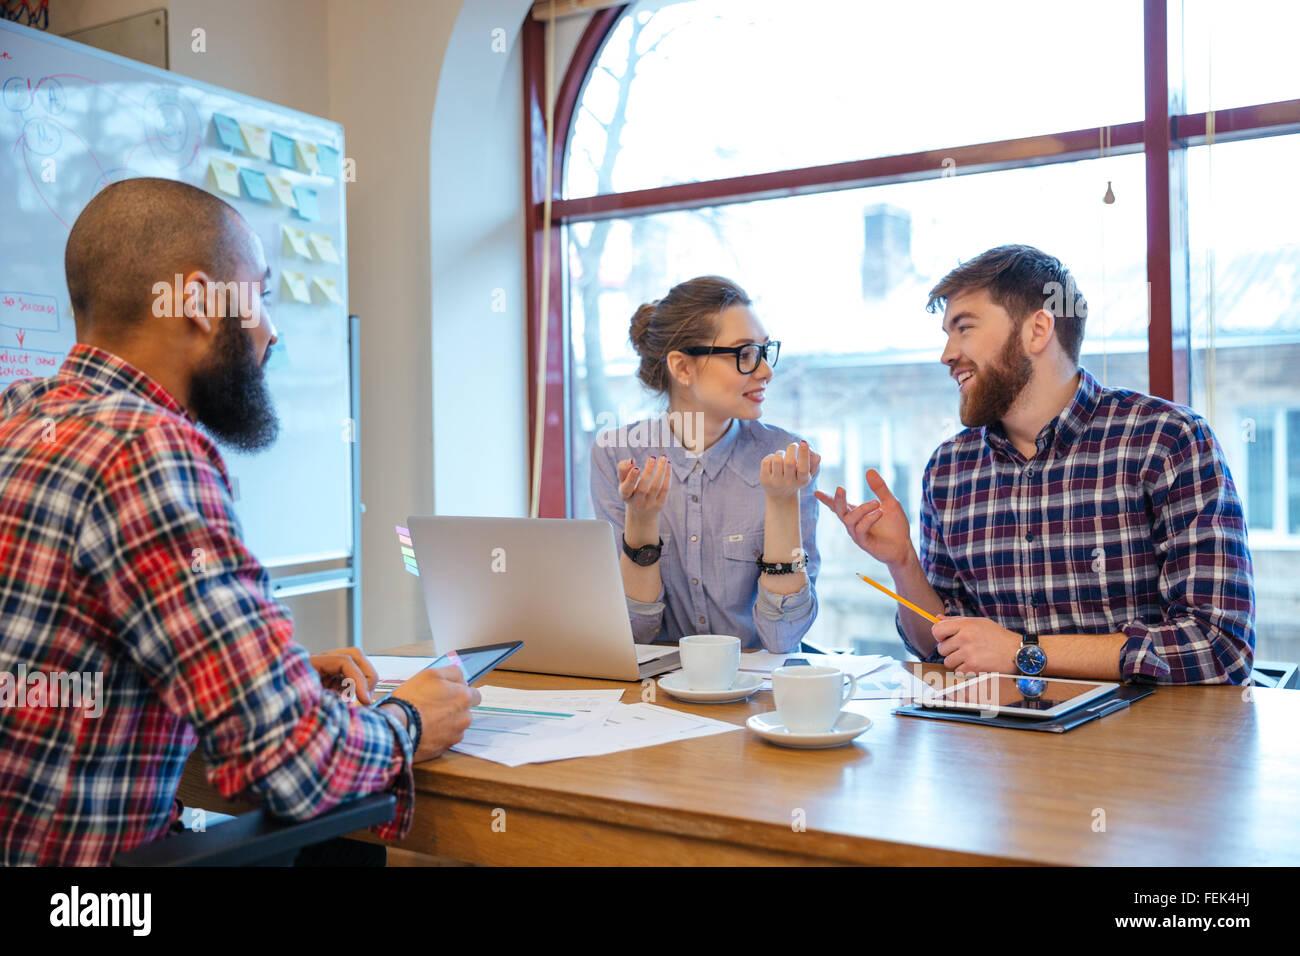 Multiethnische Gruppe von fröhlichen Menschen, die auf Geschäftstreffen zusammen arbeiten Stockbild